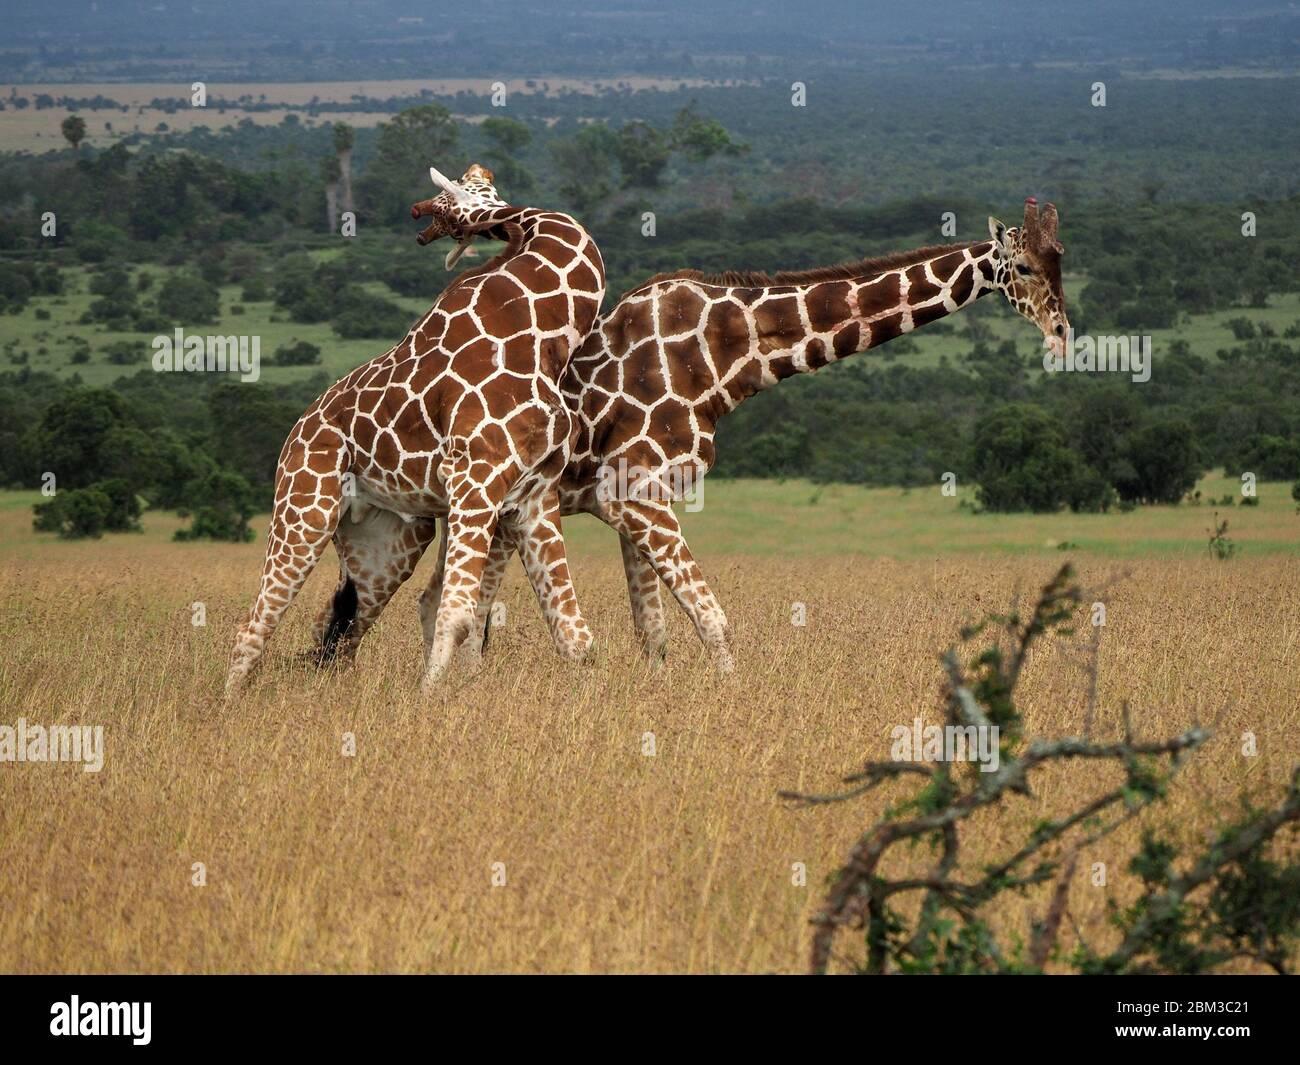 Zwei alte Bullen Reticulated Giraffen (Giraffa camelopardis reticulata) kämpfen um das Recht, sich mit Weibchen zu paaren -Ol Pejeta Conservancy,Laikipia,Kenia, Afrika Stockfoto